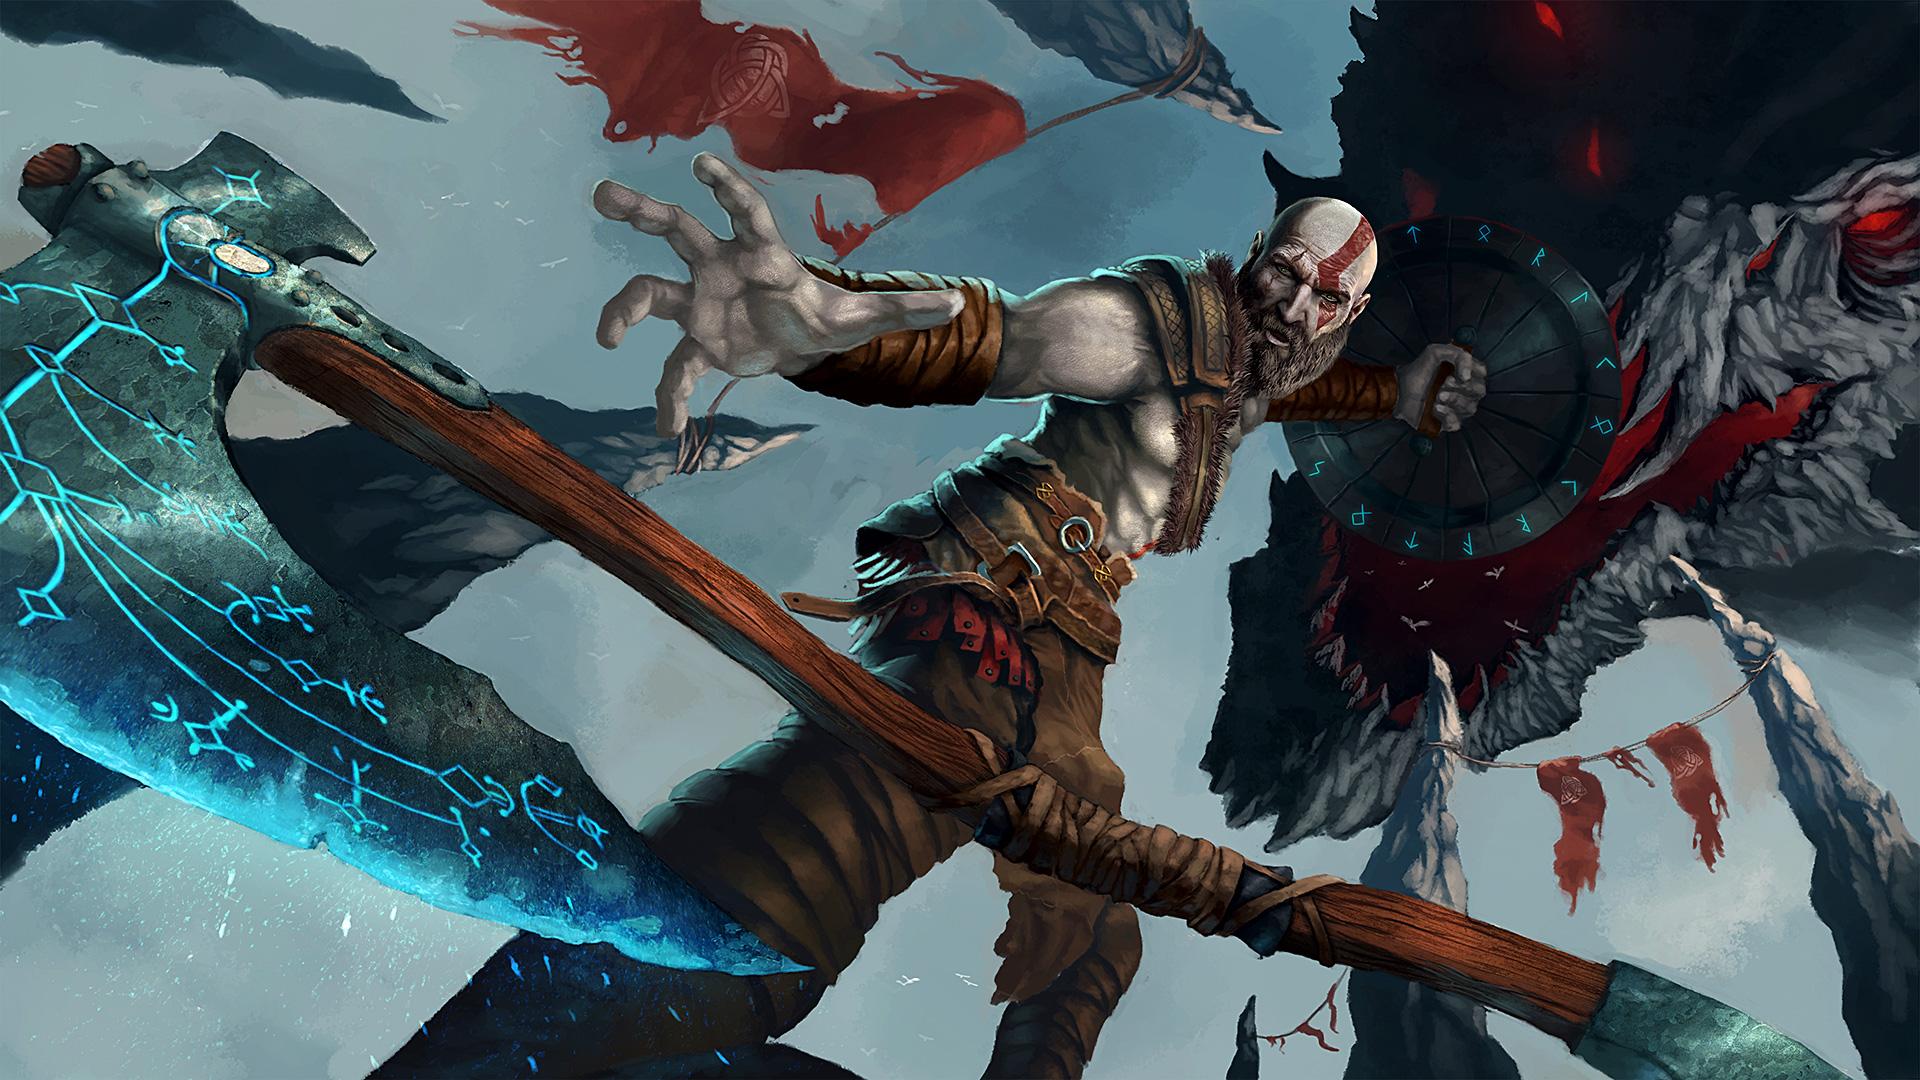 God Of War 4 Artwork Hd Games 4k Wallpapers Images